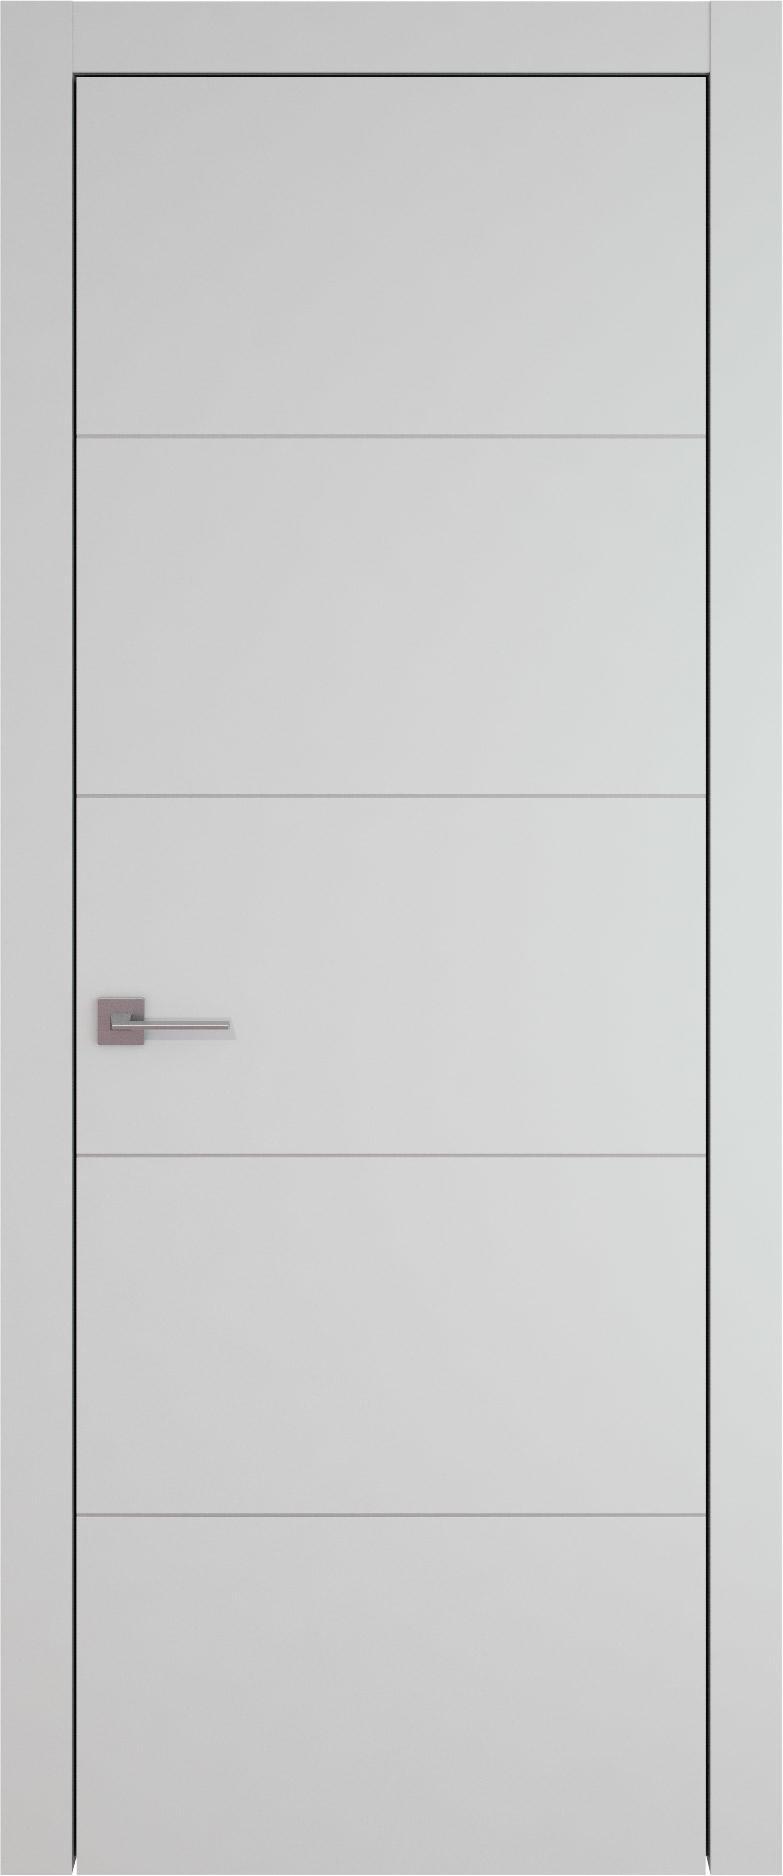 Tivoli Д-3 цвет - Серая эмаль (RAL 7047) Без стекла (ДГ)